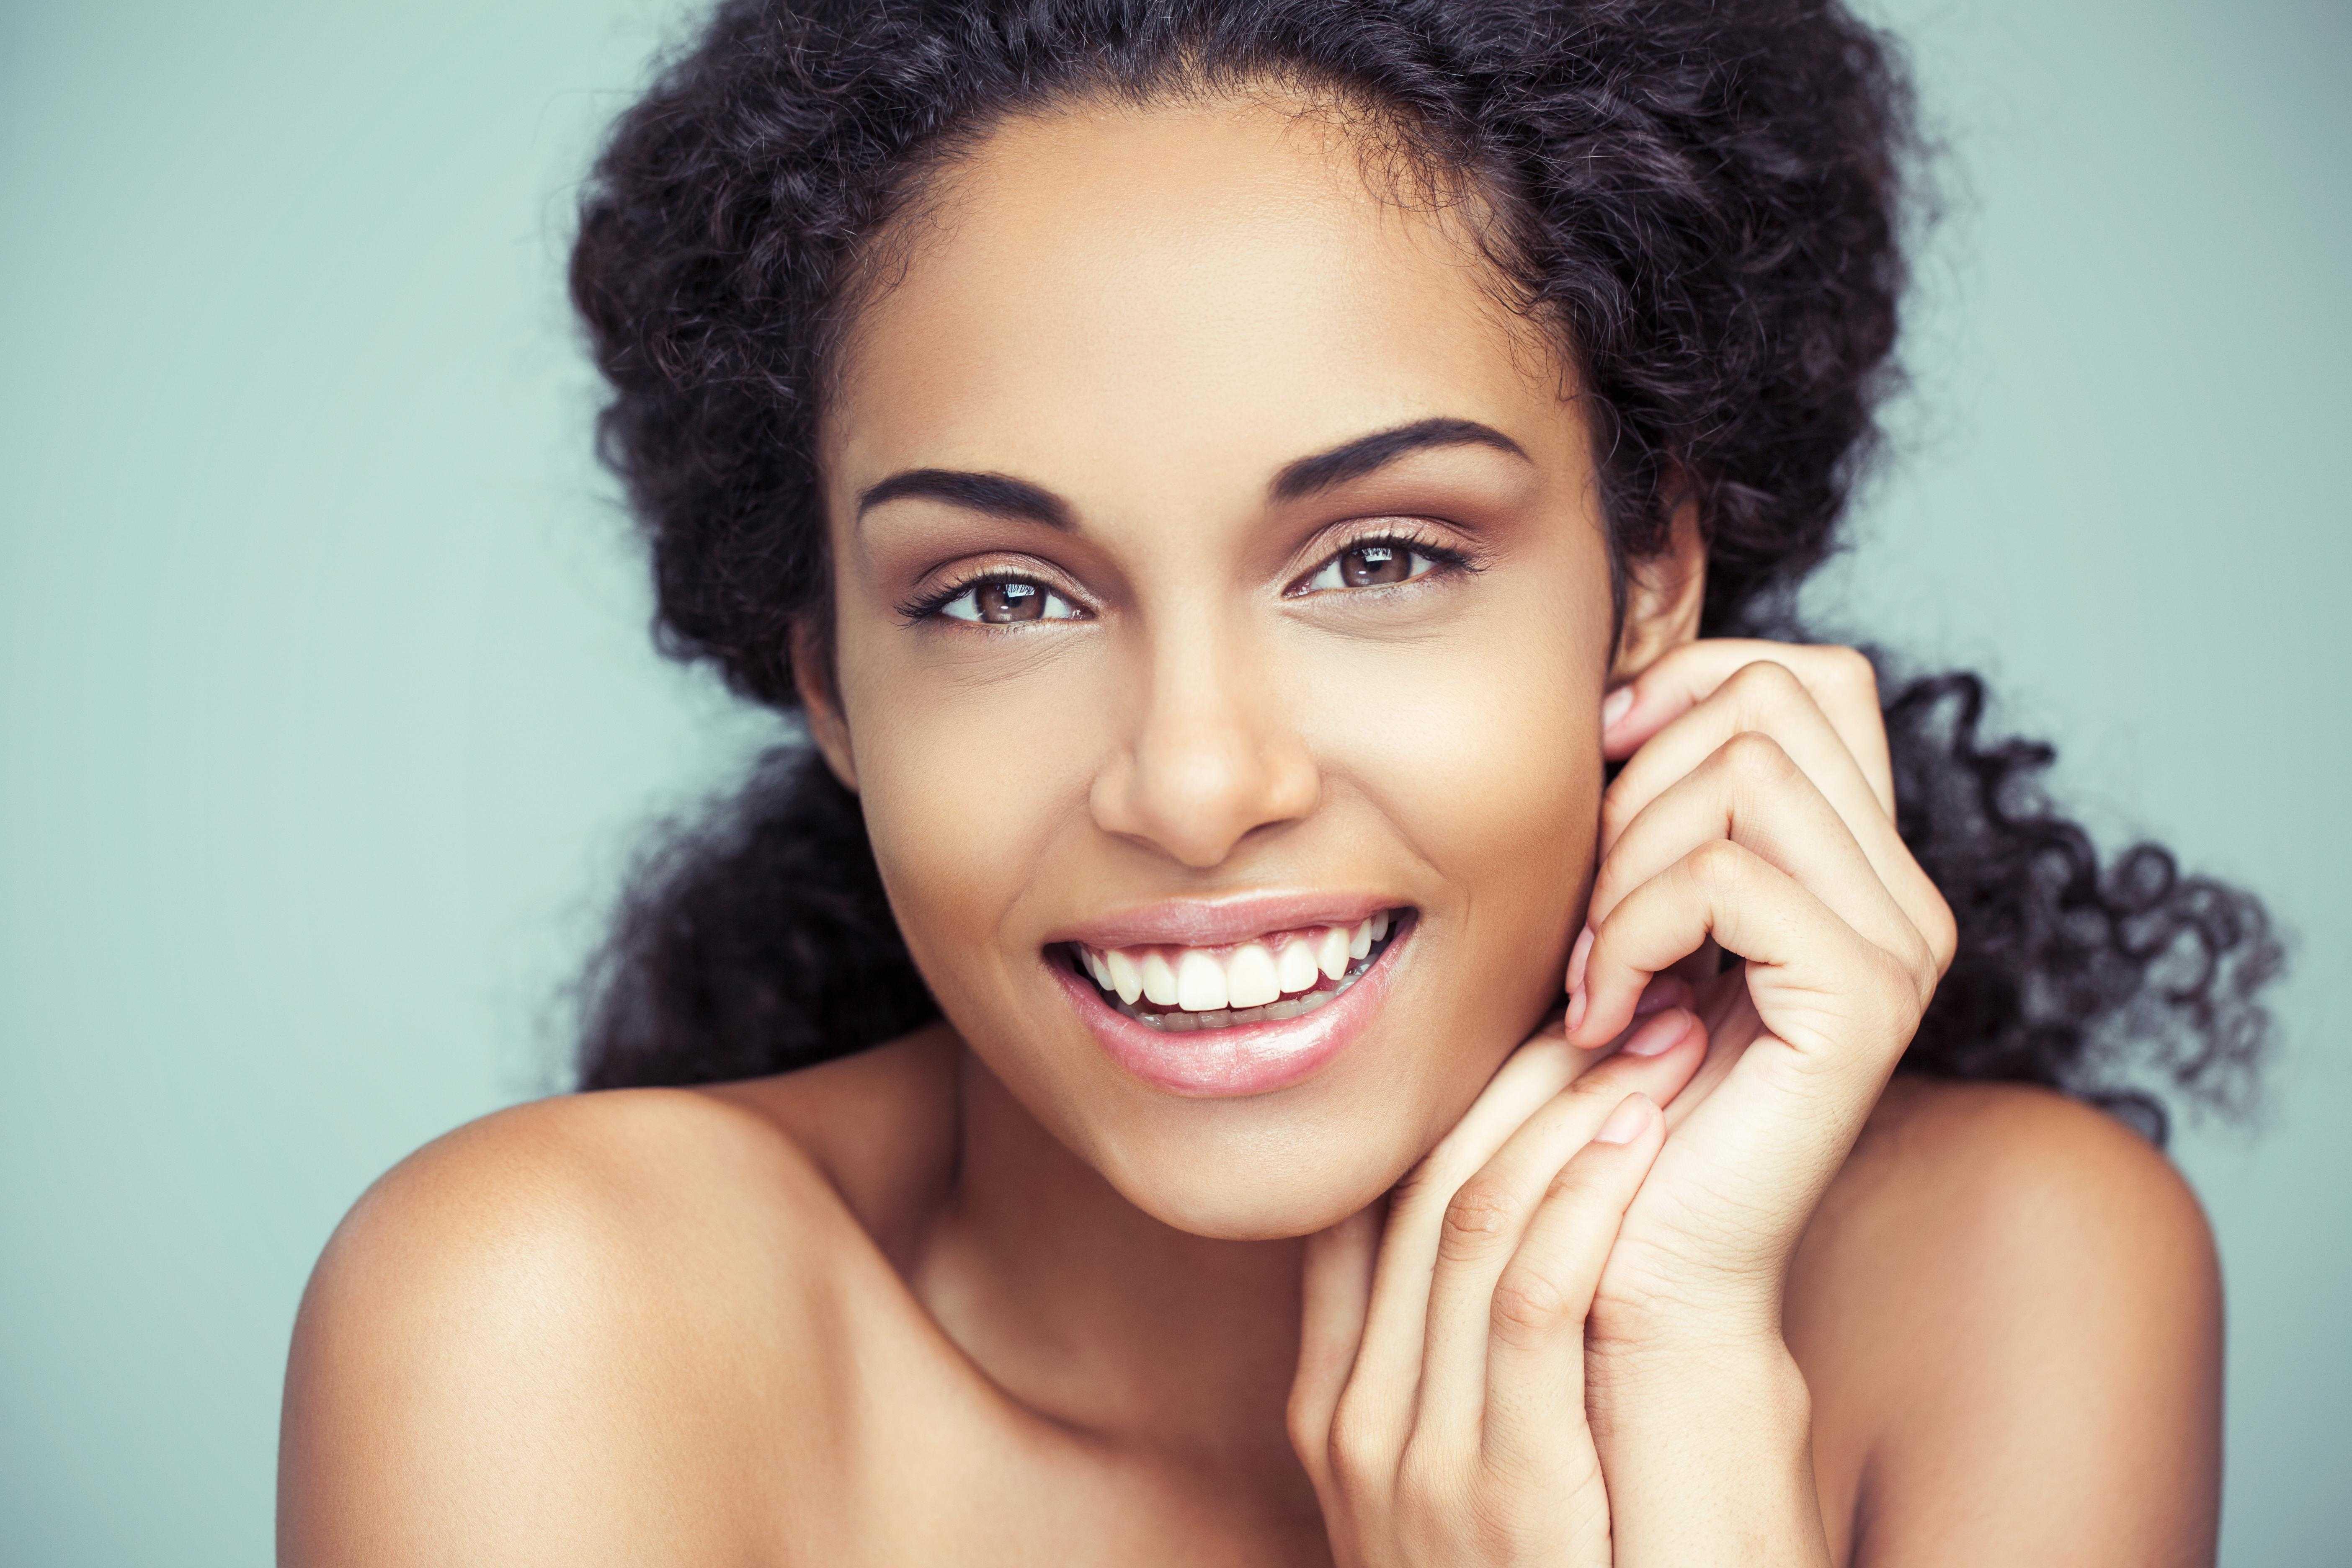 48 практических совета по сохранению молодости и красоты для женщин